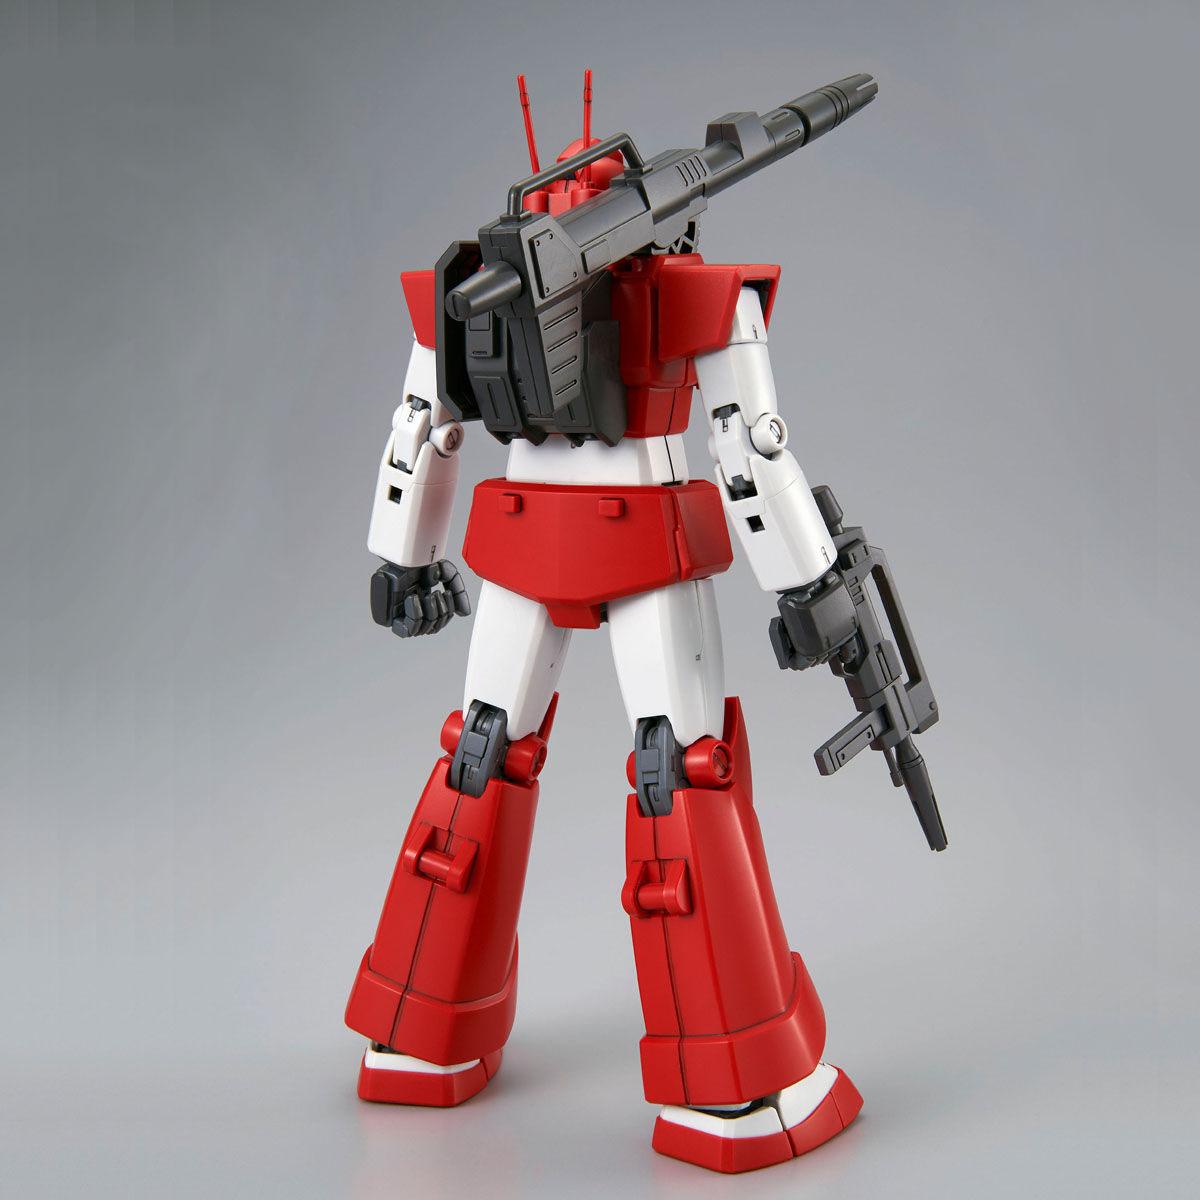 MG 1/100『ジム・キャノン[レッド・ヘッド](ジャブロー防衛隊仕様)』Zガンダム プラモデル-003